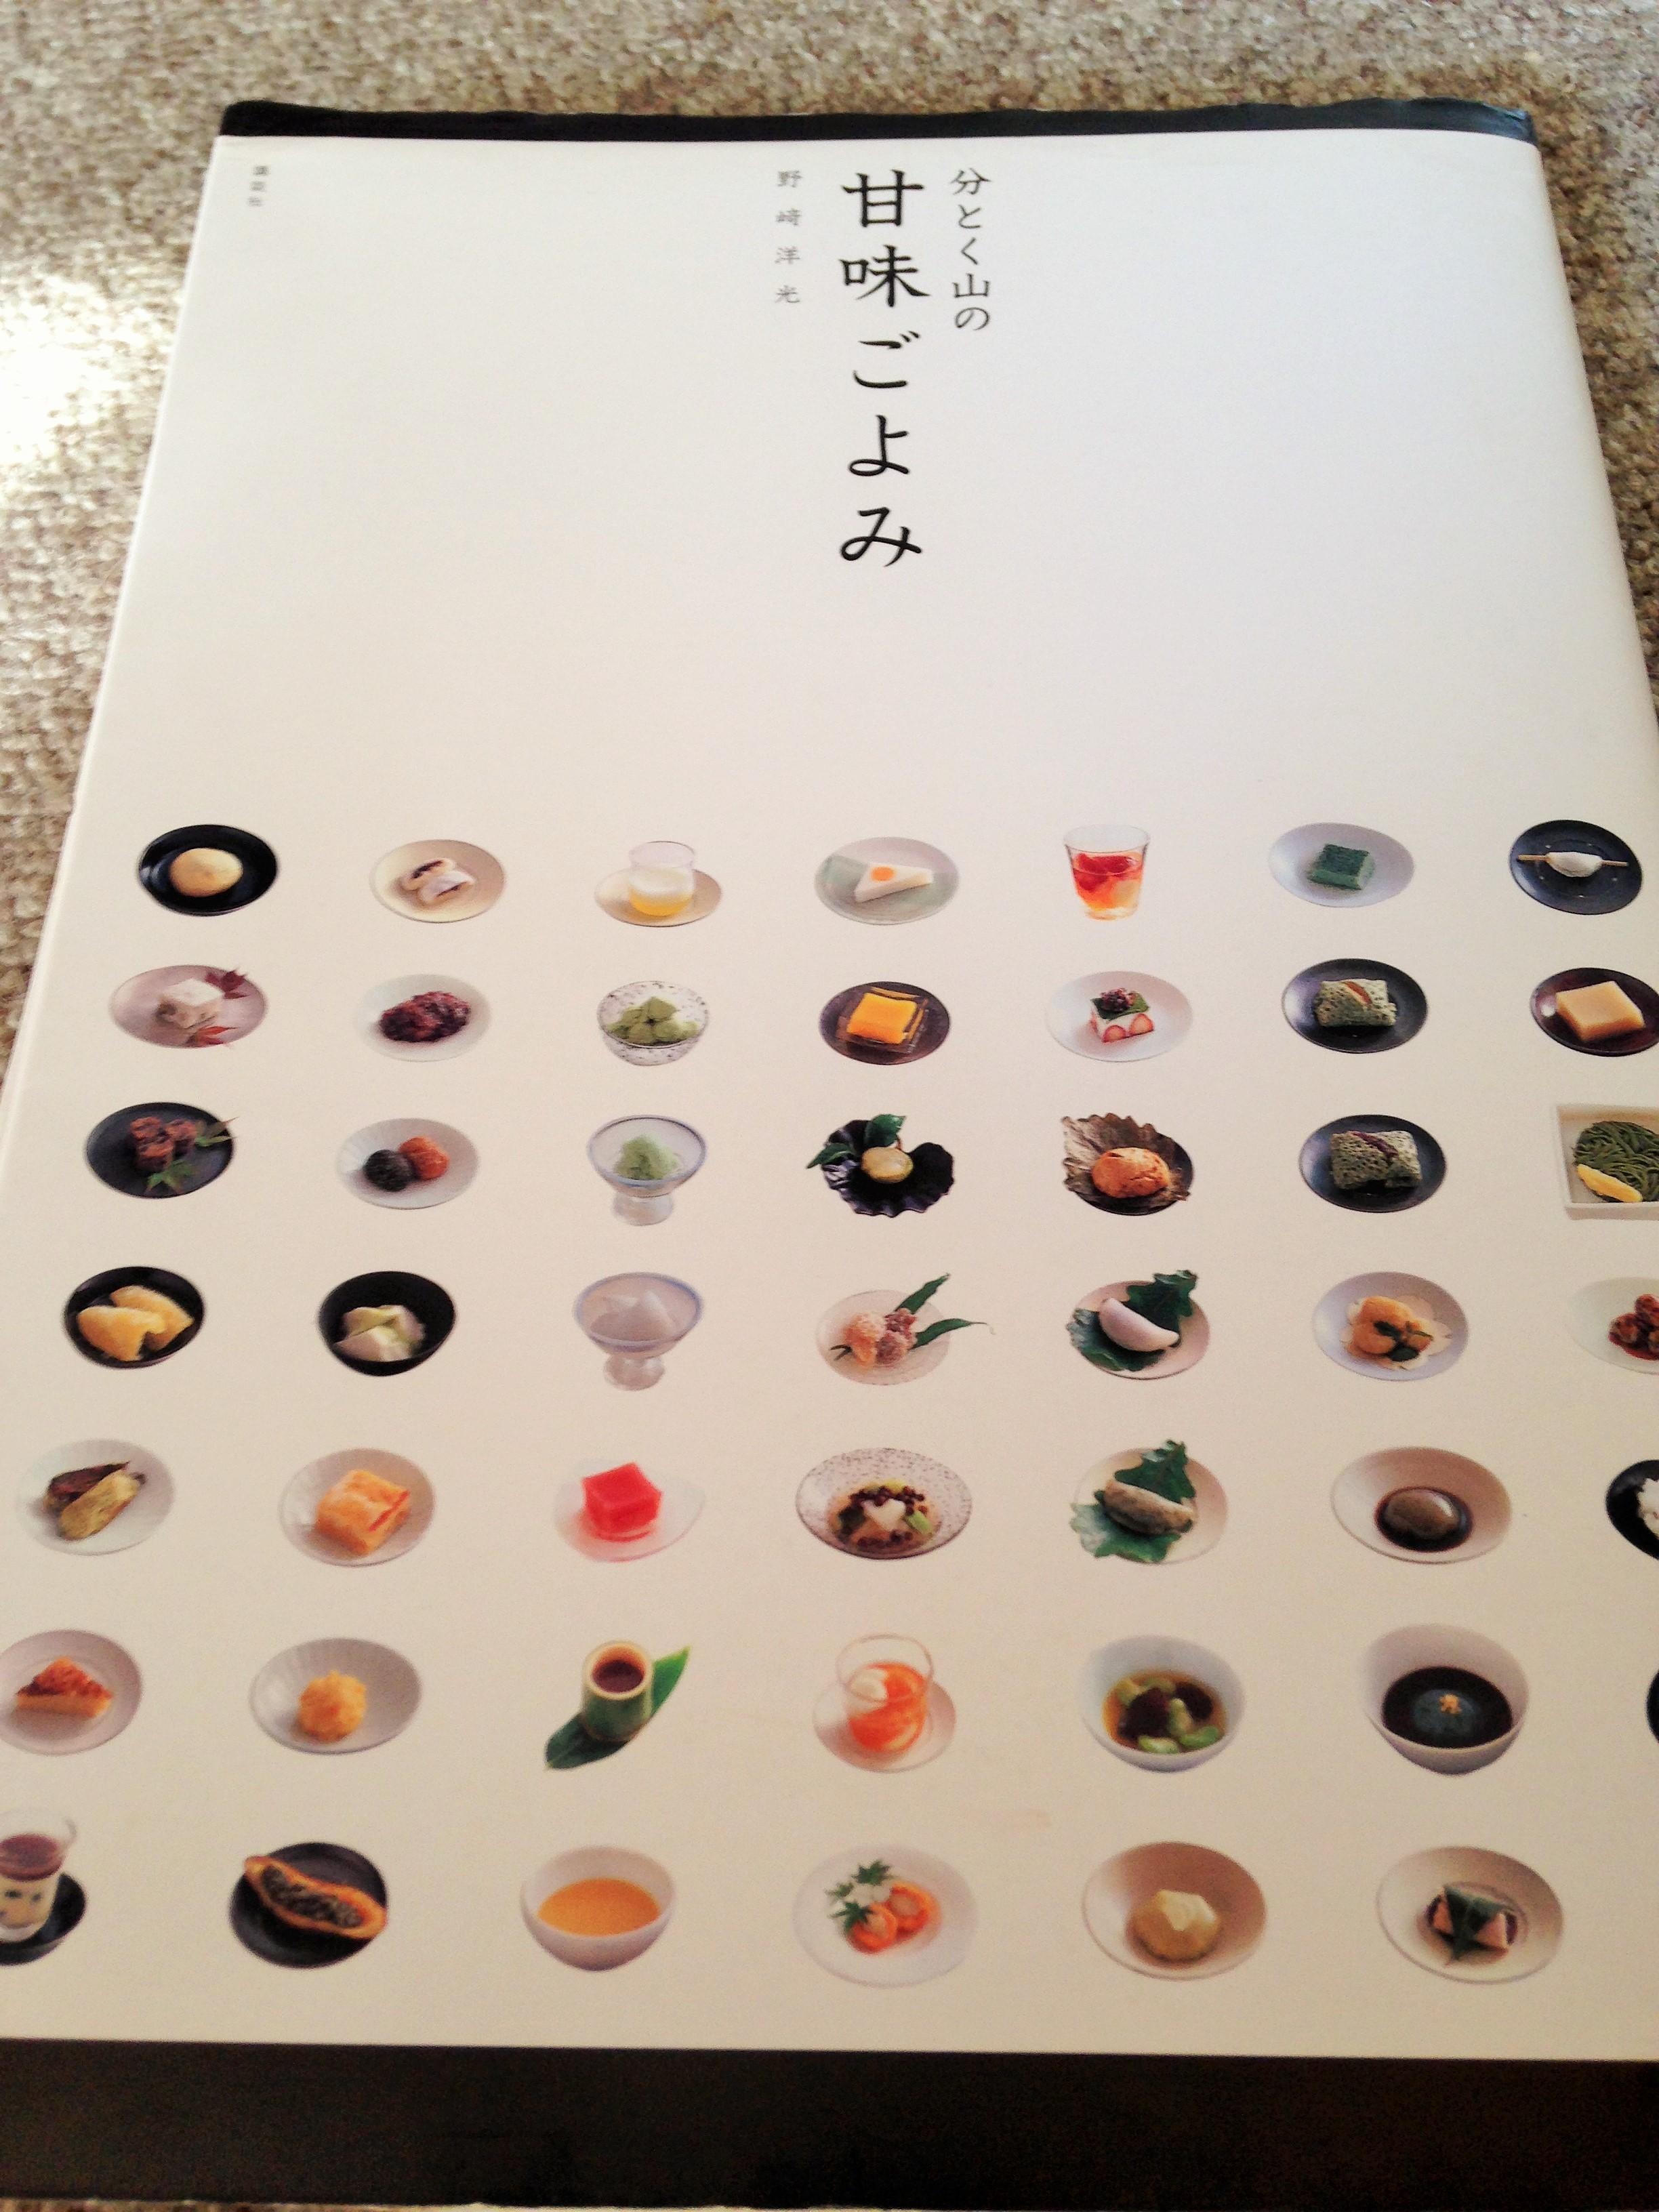 【和菓子本】日本料理の視点から書かれた和菓子のレシピ本